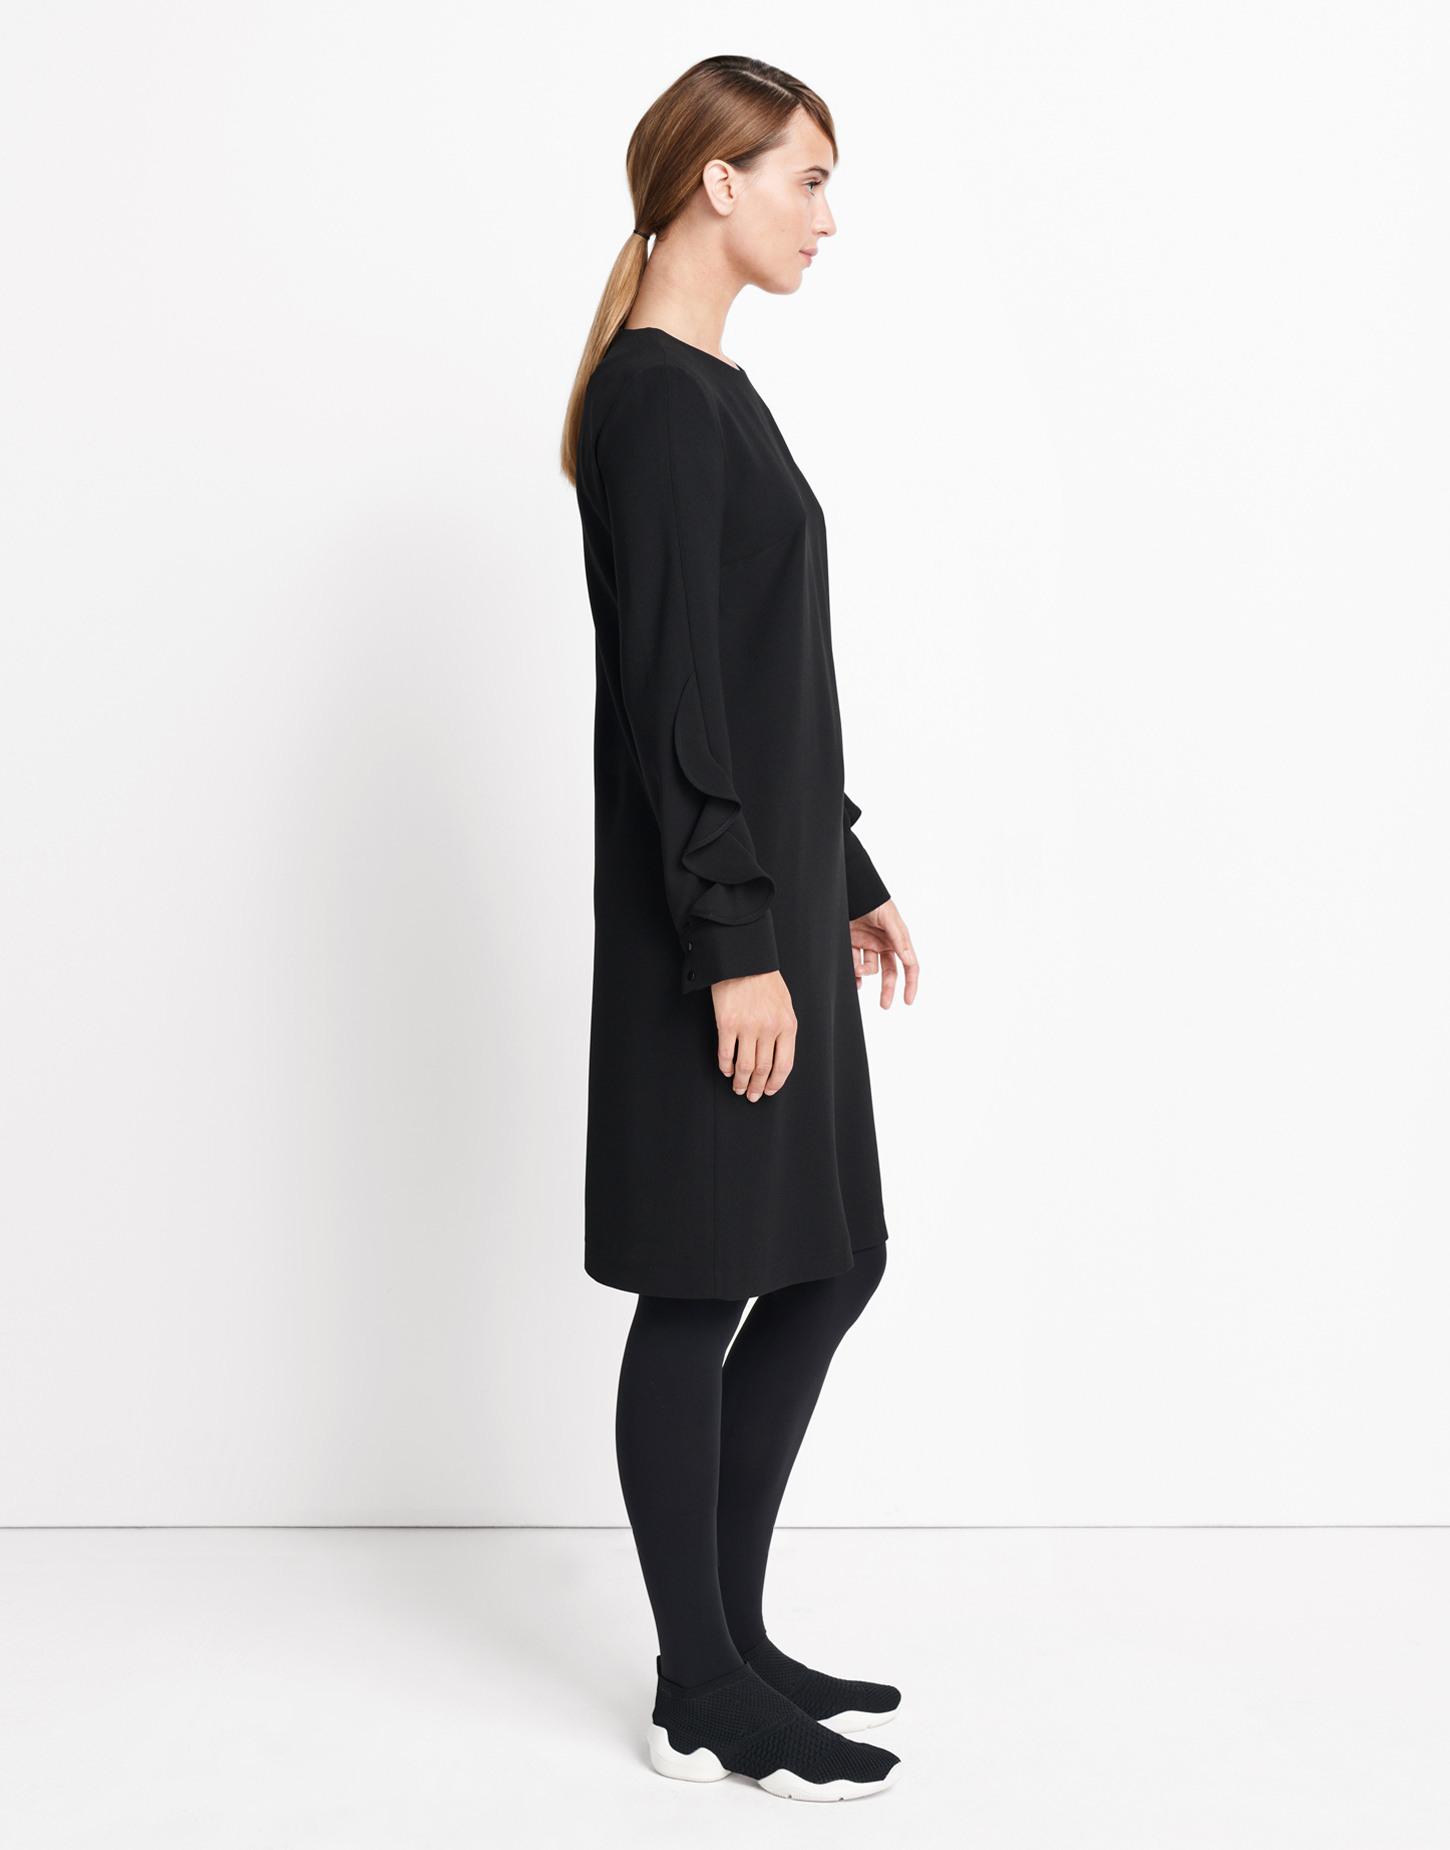 Kleid Quasti Schwarz Online Bestellen  Someday Online Shop